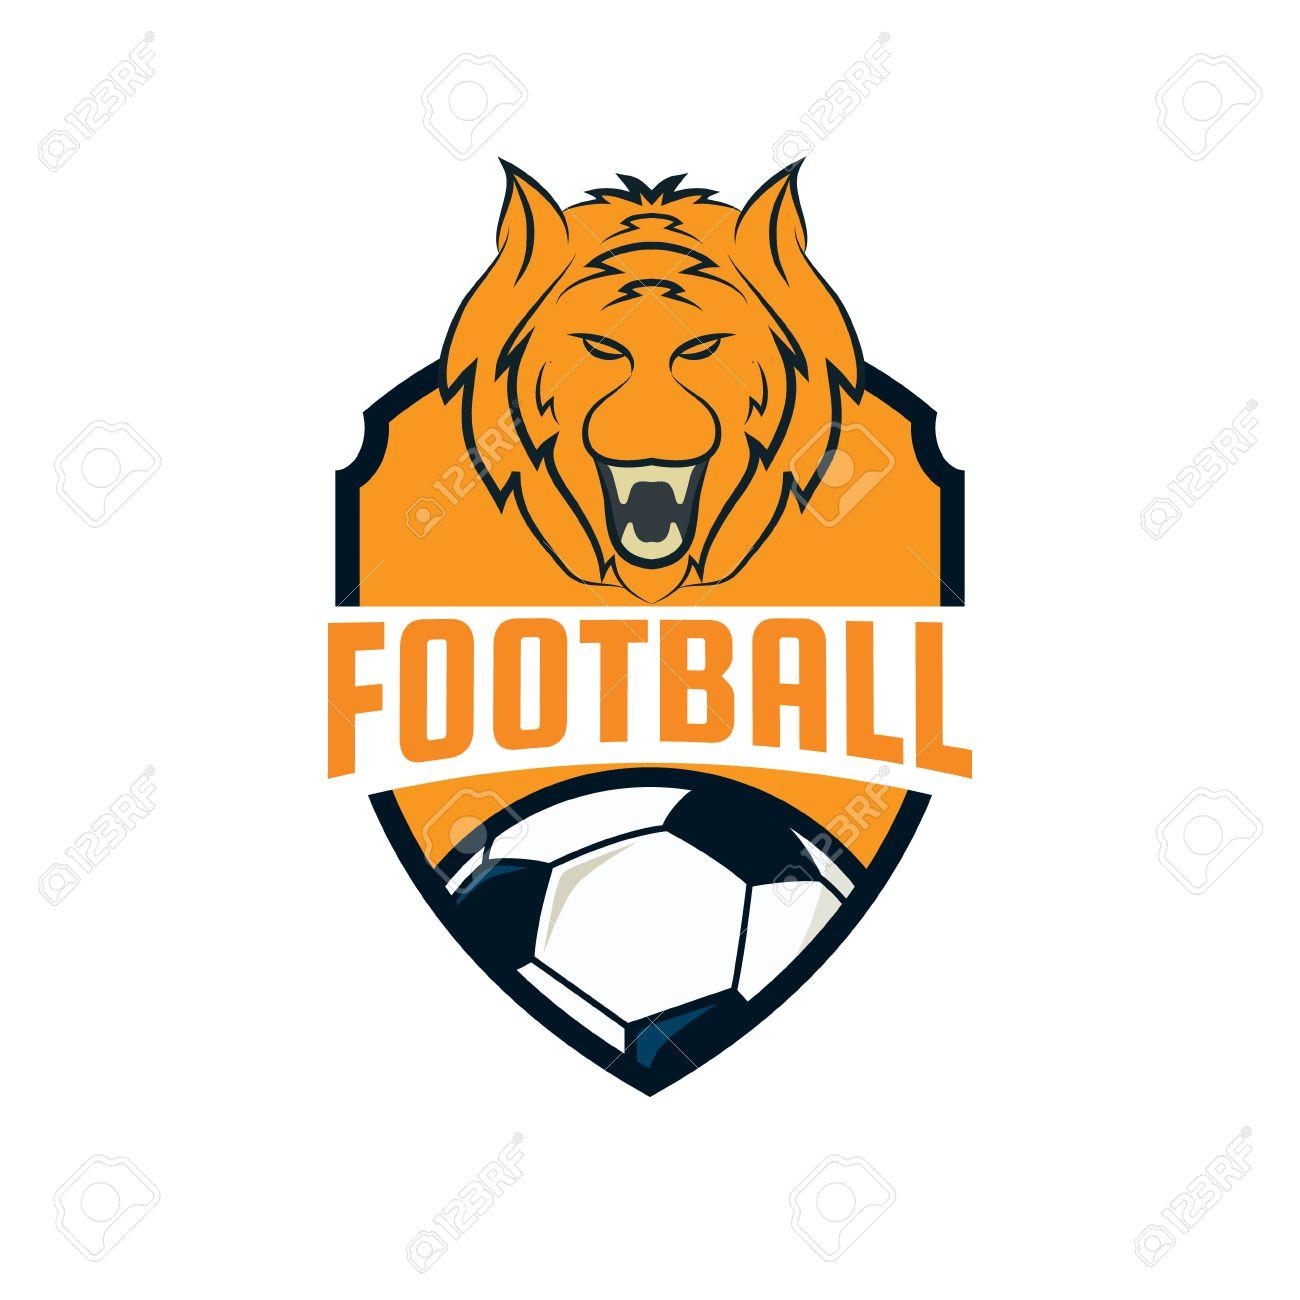 Football Logo Design , Soccer Team, Vector Illustration Royalty ...